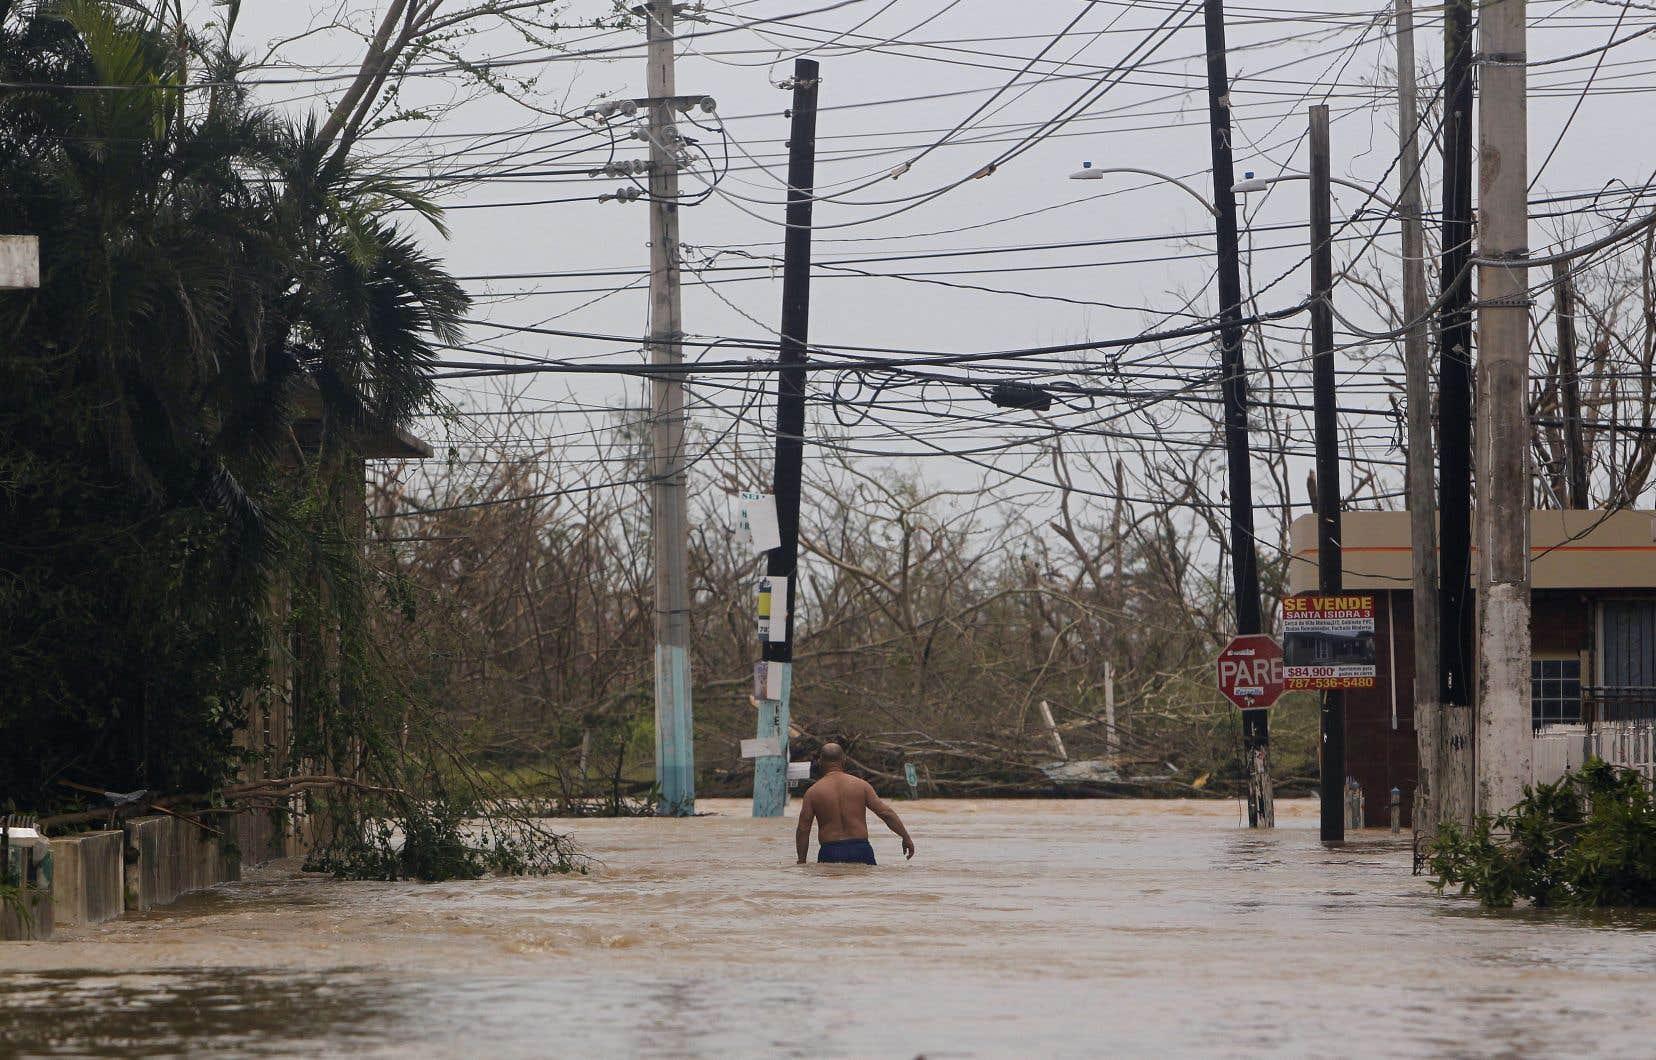 Dans les semaines qui ont suivi la tempête, des responsables avaient dit que la catastrophe avait fait 64 victimes directes.